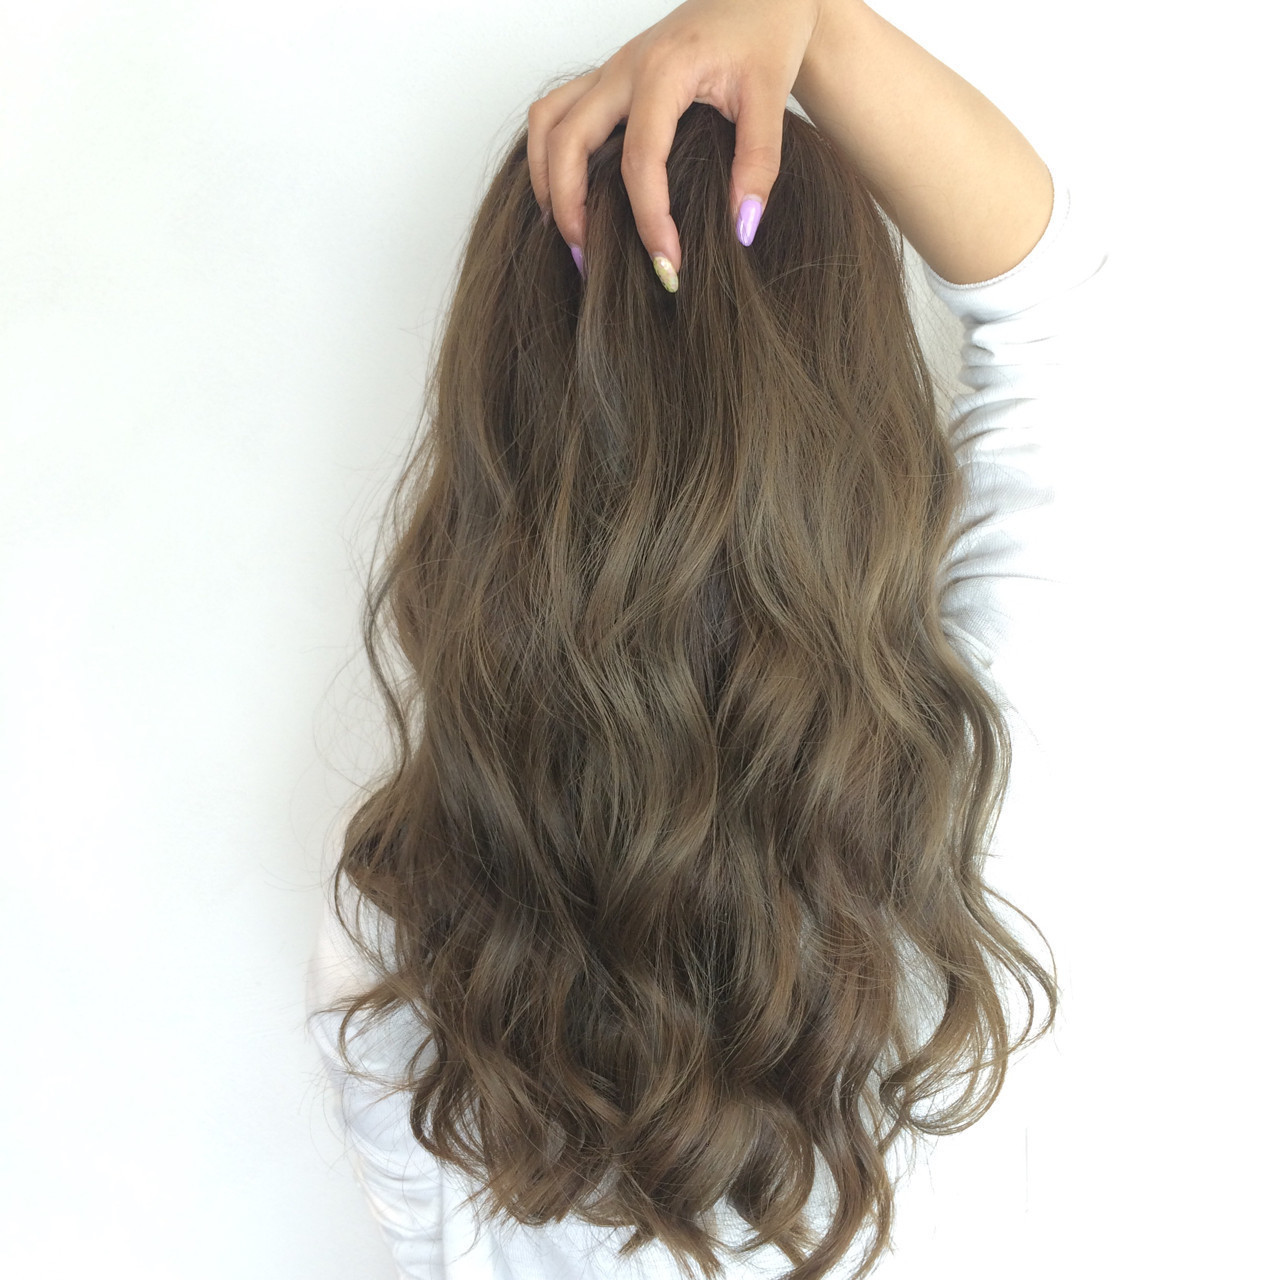 ブリーチなしでもかわいい暗めな髪色♡オリーブアッシュとは?の2枚目の画像